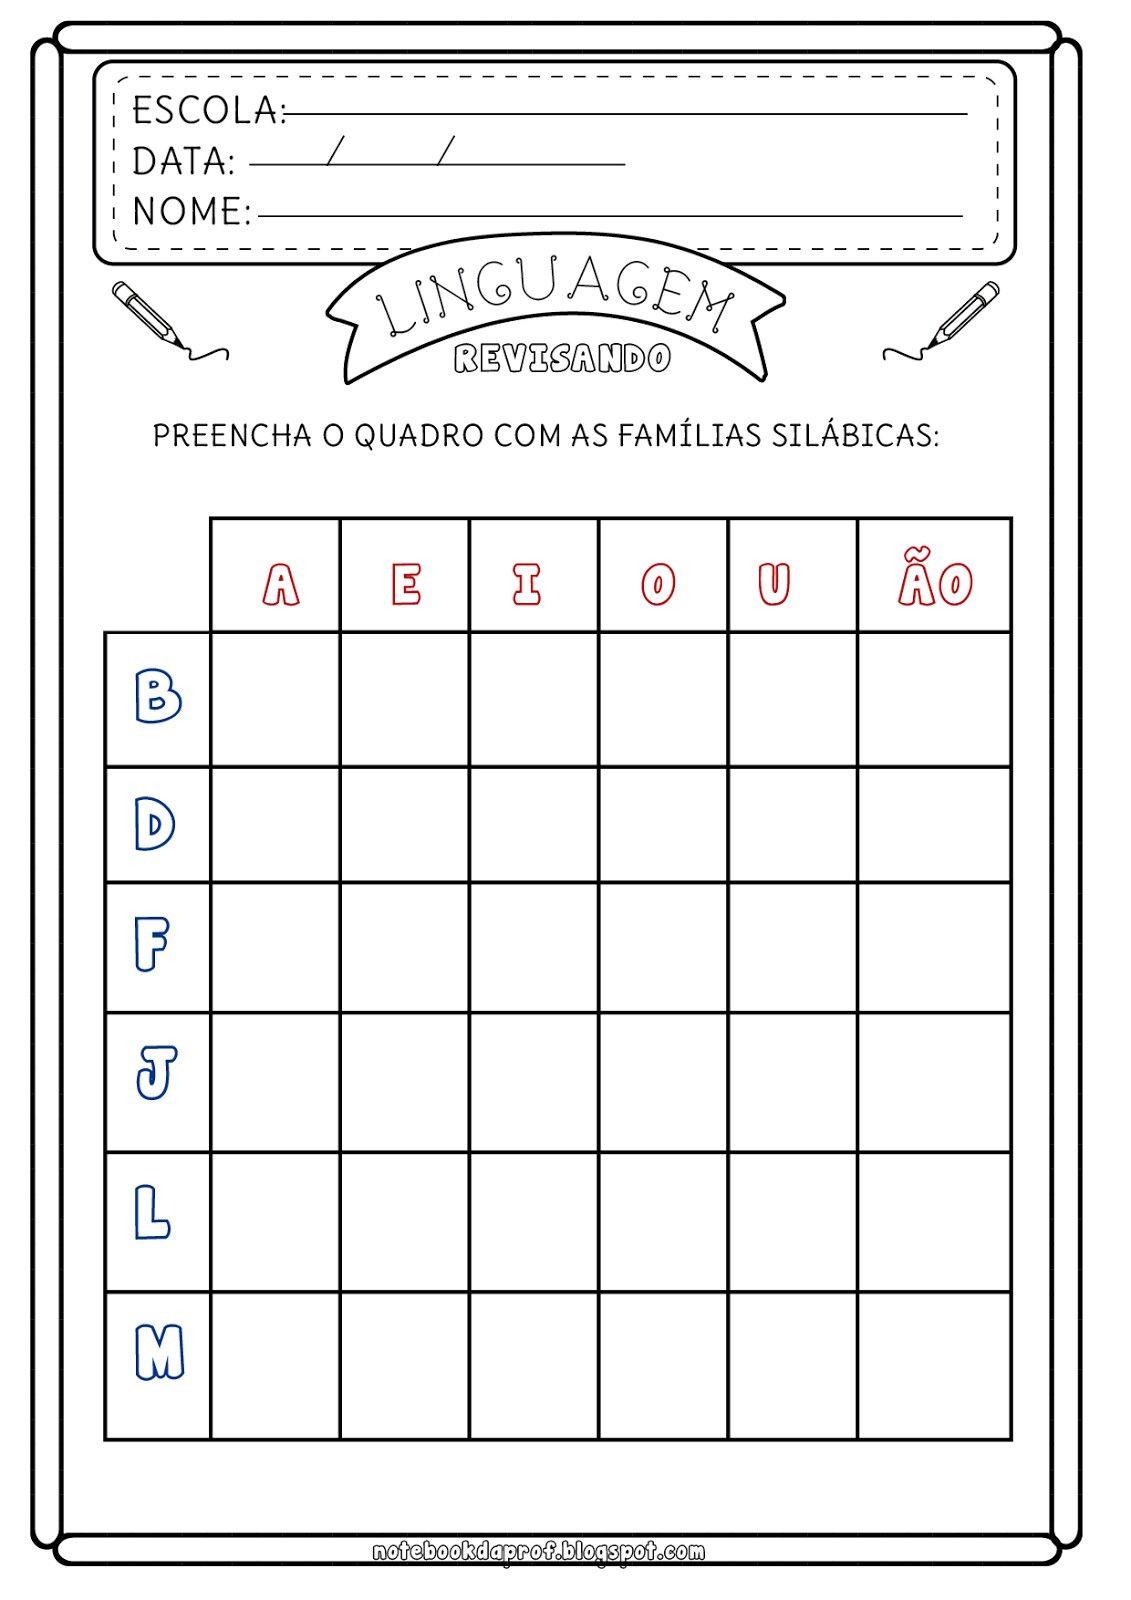 Pin De Carla Marques Em Estudo Atividades Letra E Atividades